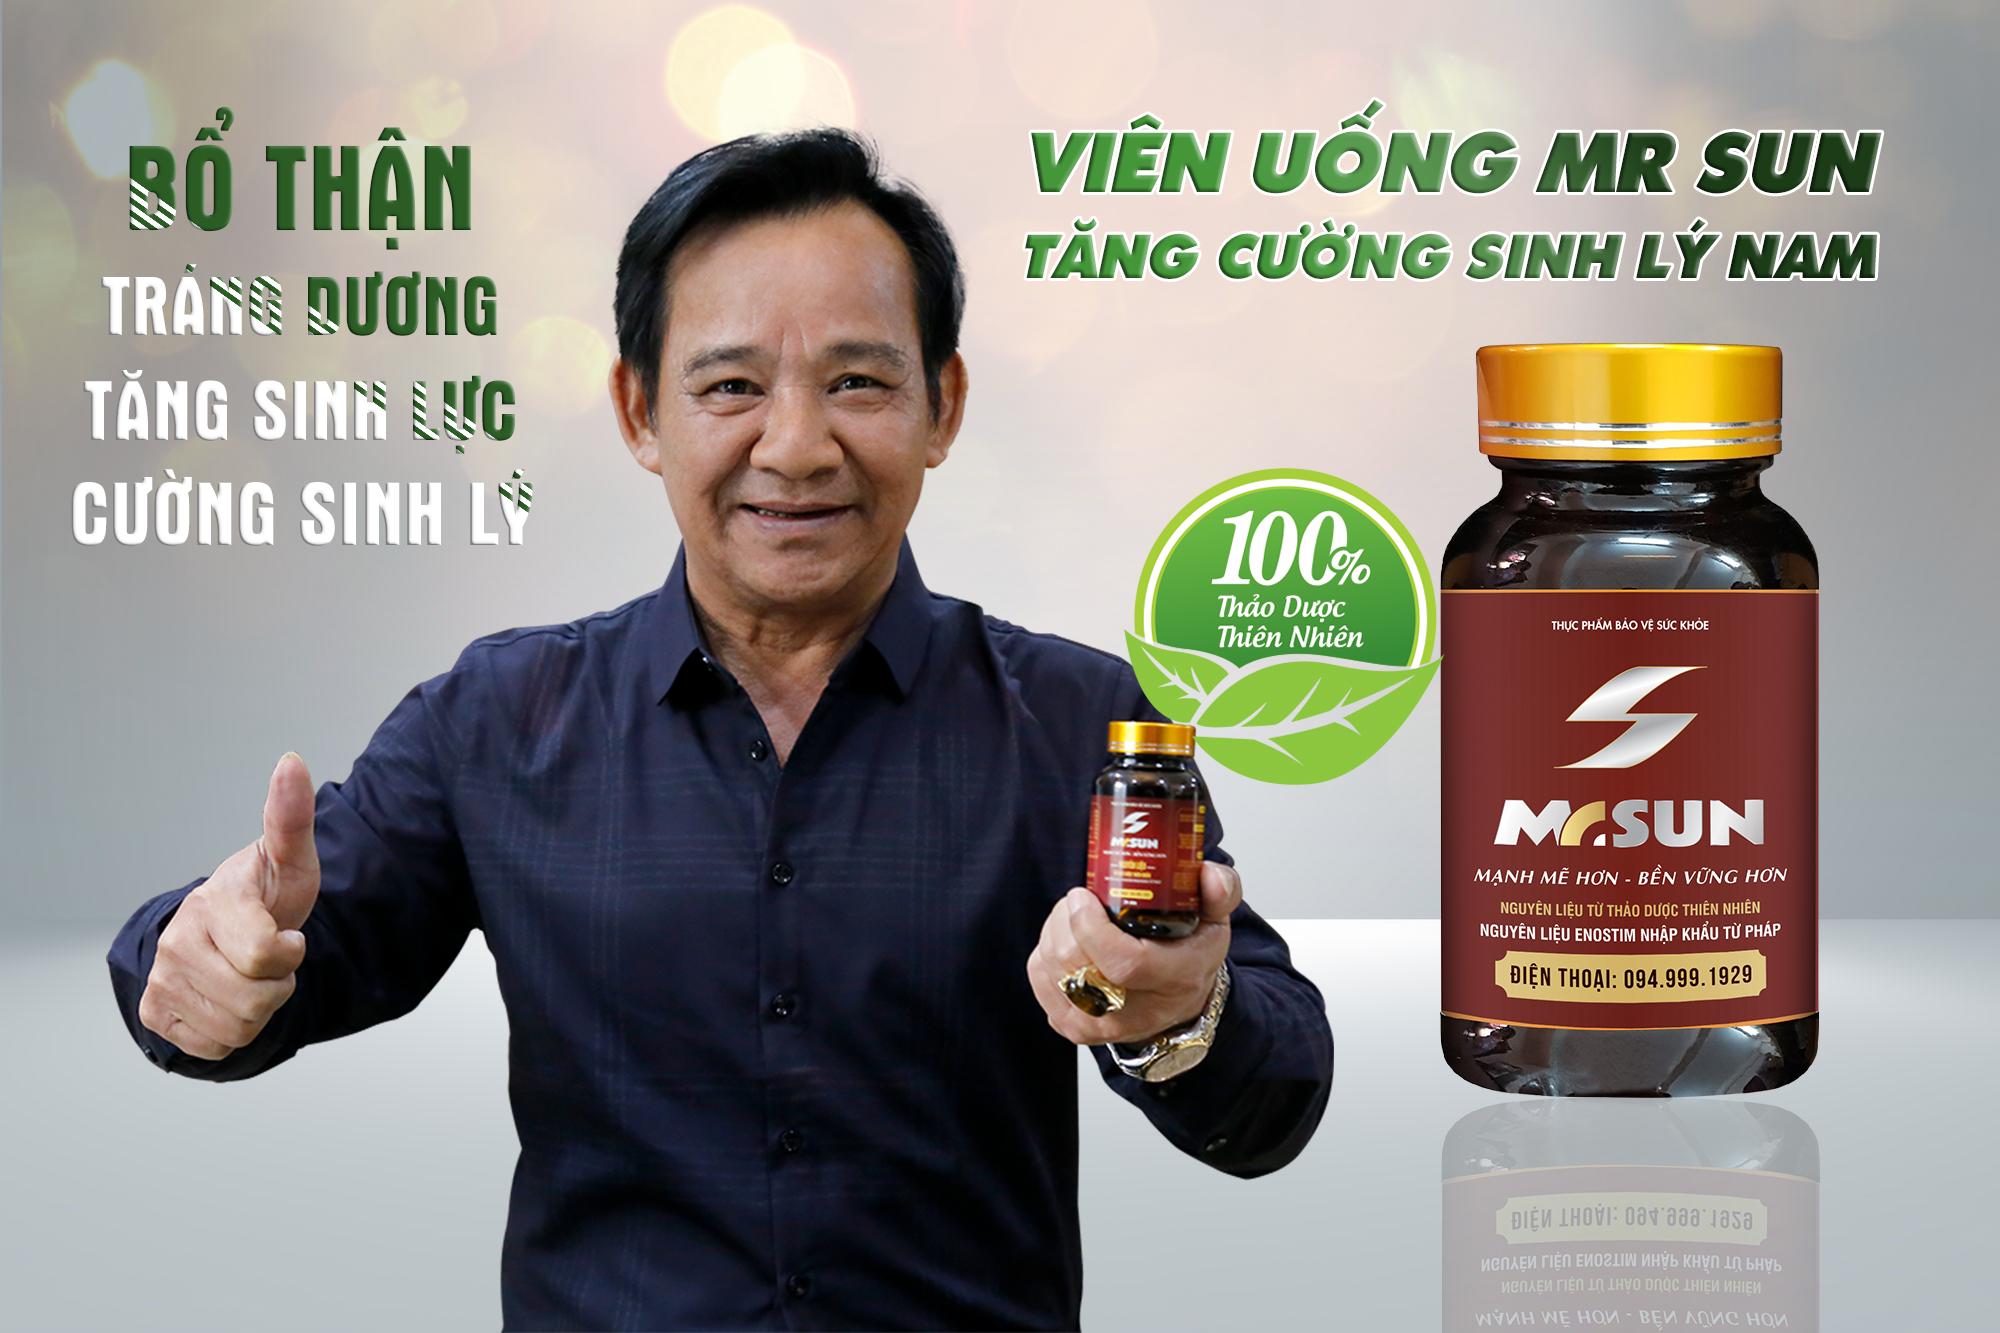 Mr Sun là vũ khí bí mật giúp Nghệ sĩ Quang tèo duy trì bản lĩnh đàn ông ở tuổi U60